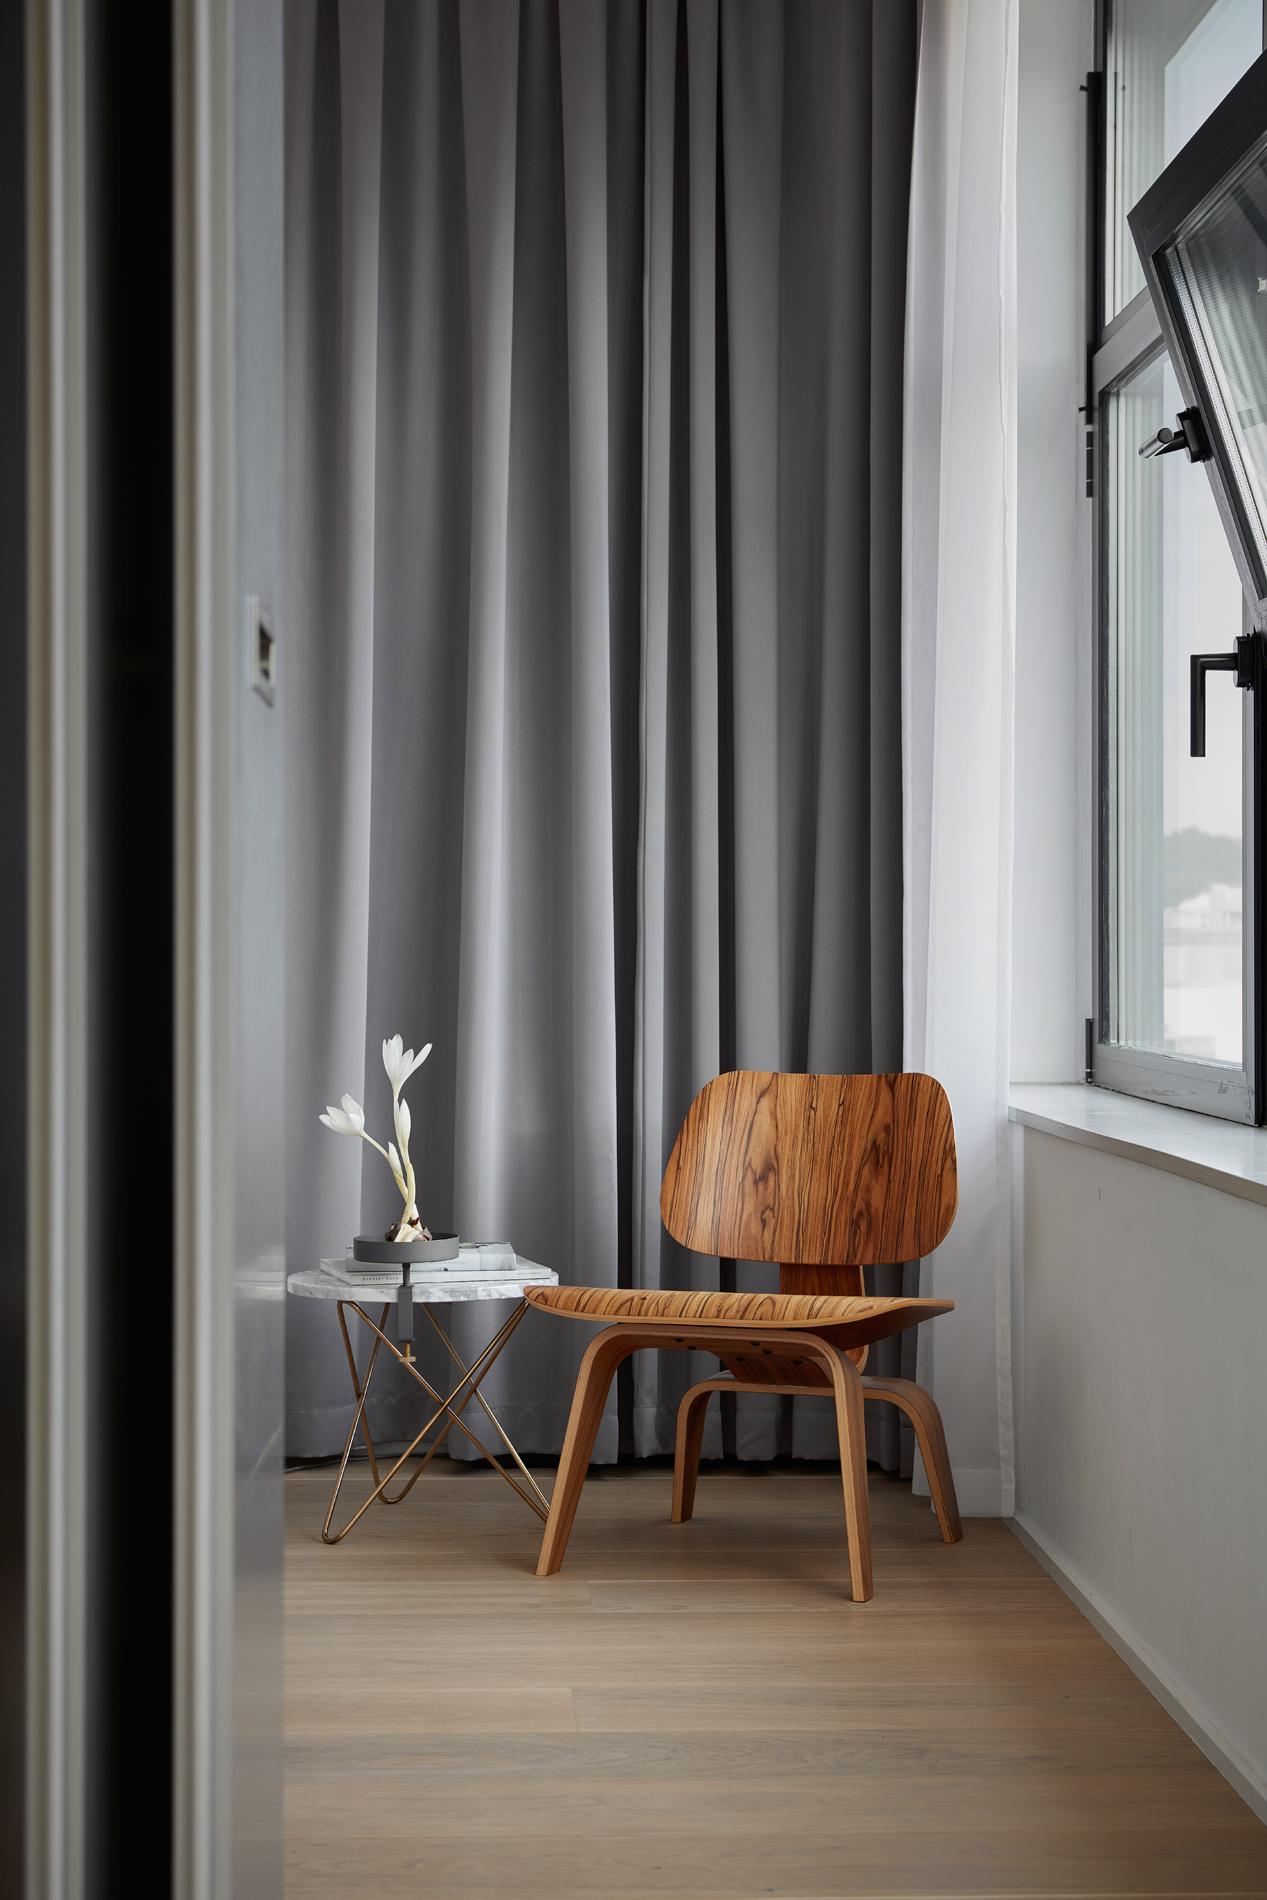 FantasticFrank_Sjöstaden mäklare stockholm jocke mimmi HG7 chair